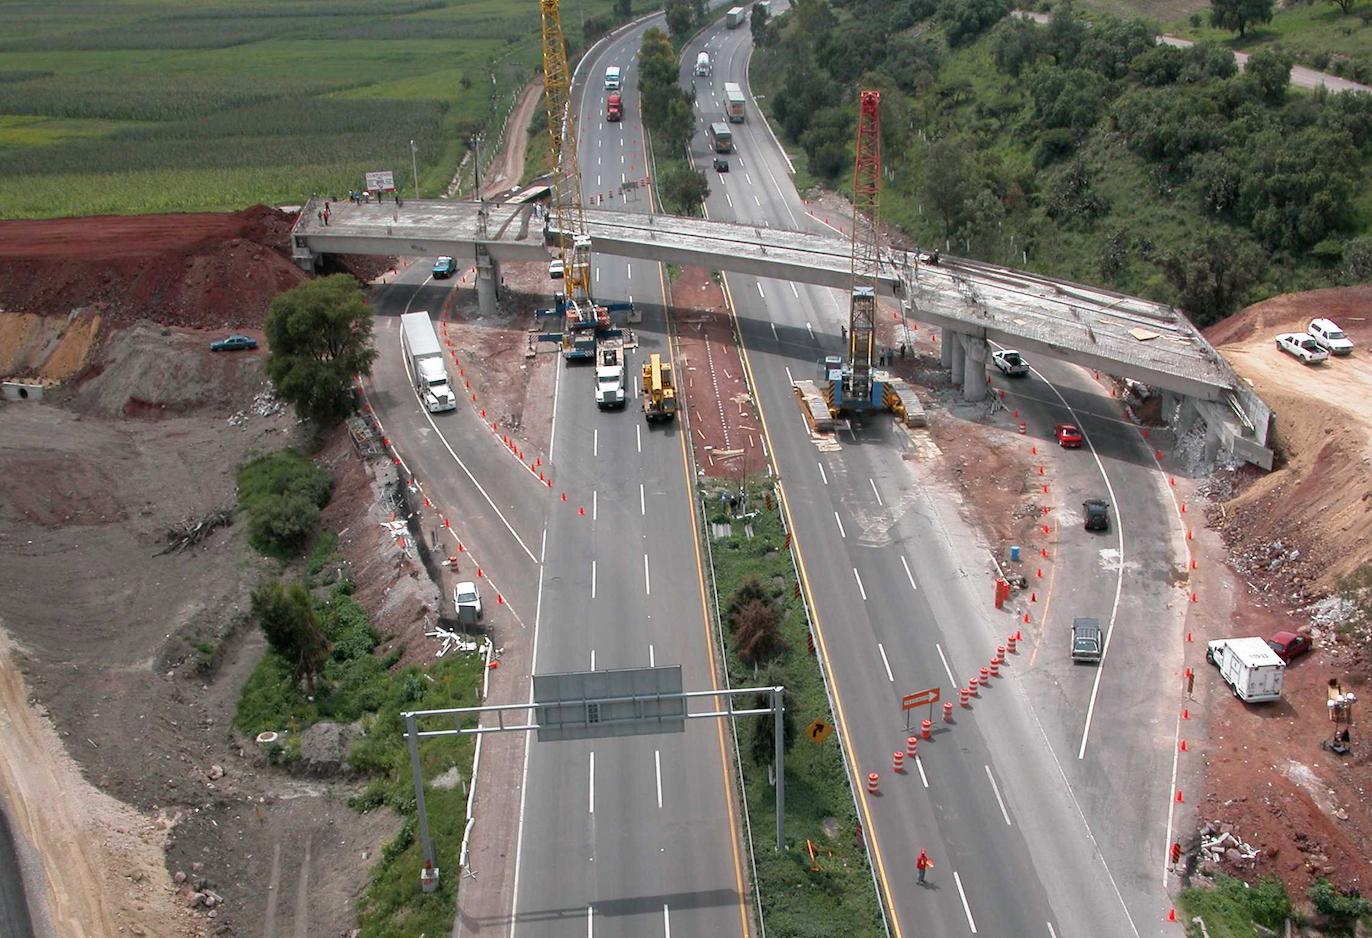 El Gobierno Federal, a través de la Secretaría de Comunicaciones y Transportes, otorgó al Fideicomiso 1936, denominado Fondo Nacional de Infraestructura, una concesión para construir, operar, explotar  y mantener 45 caminos y 3 puentes (autopistas)